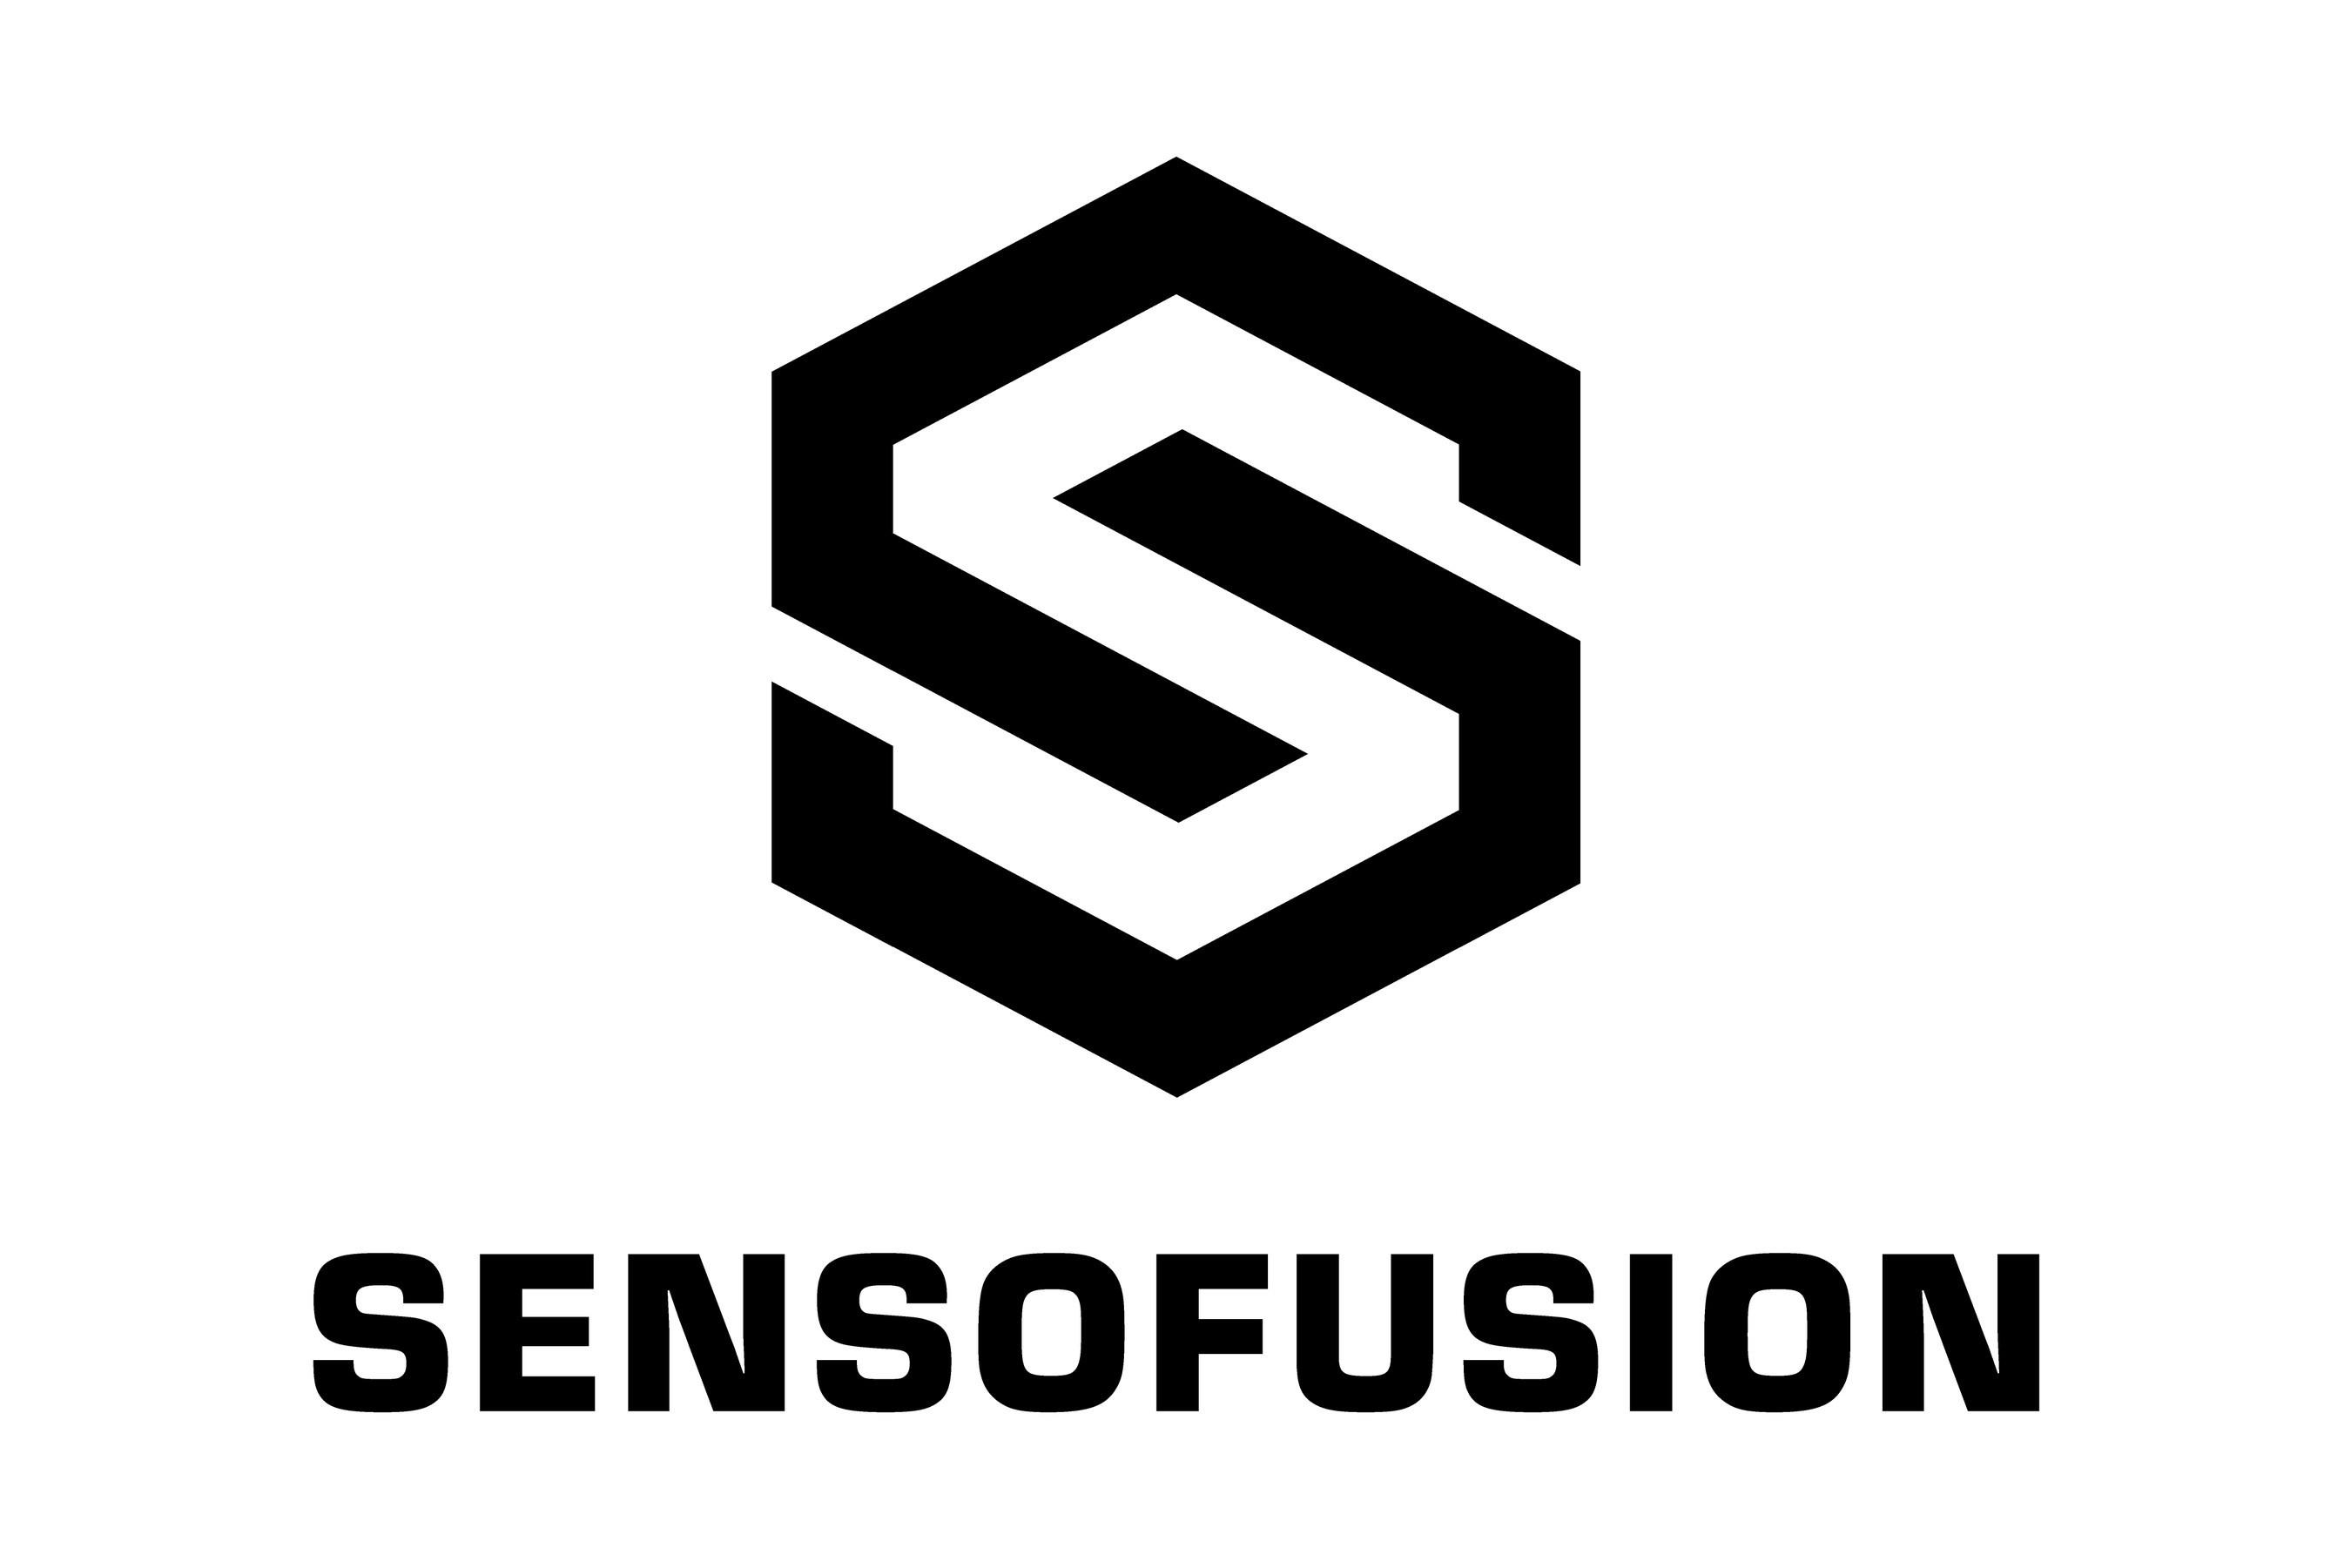 Sensofusion